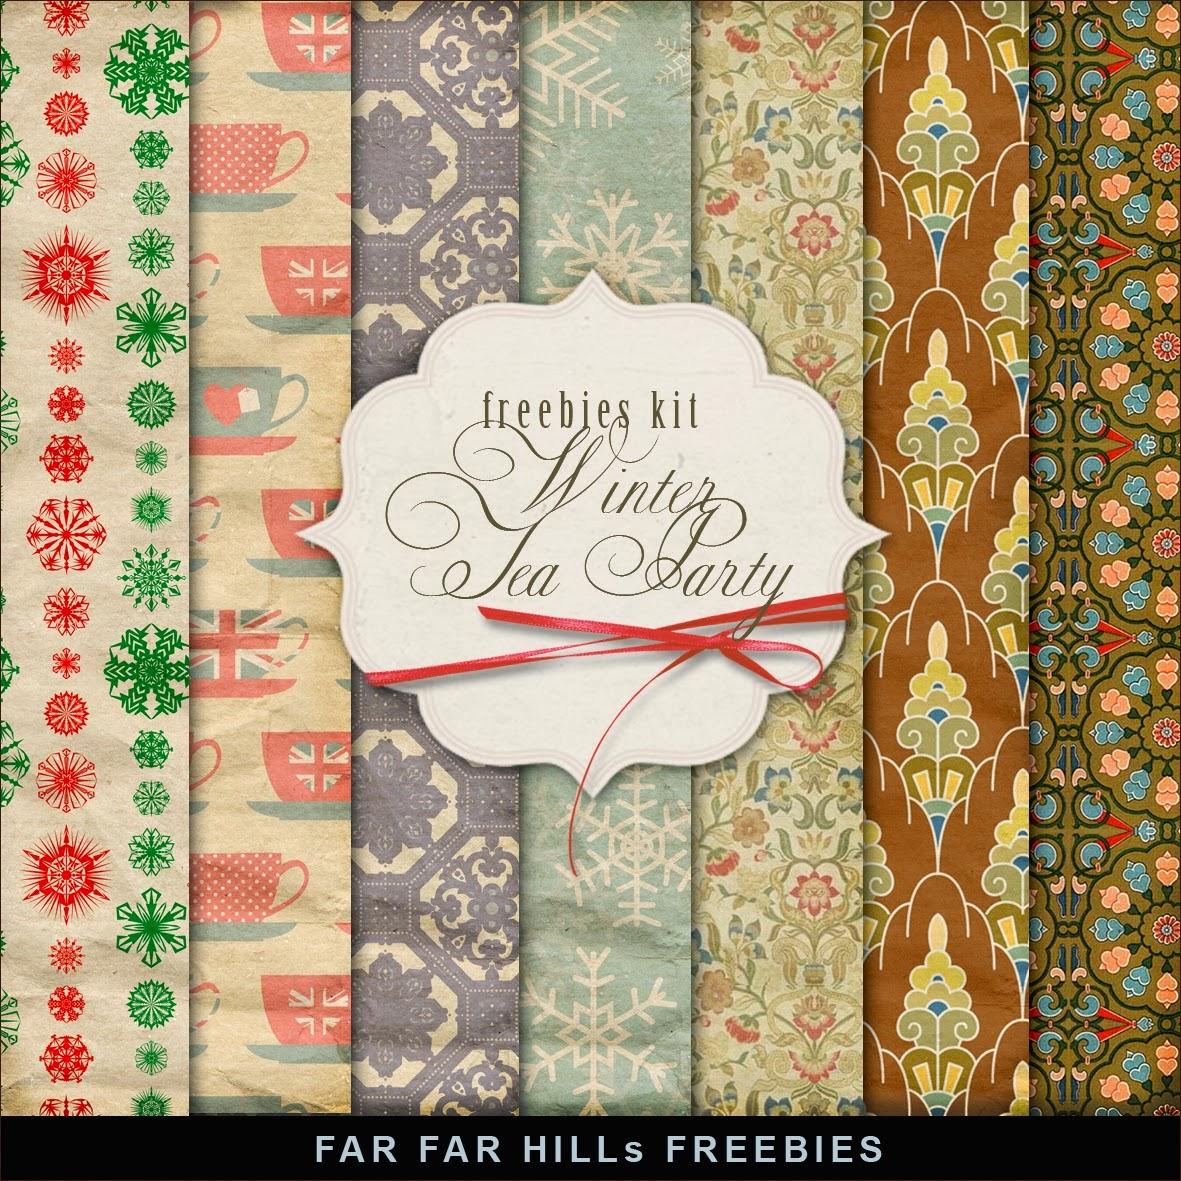 http://farfarhill.blogspot.com.es/